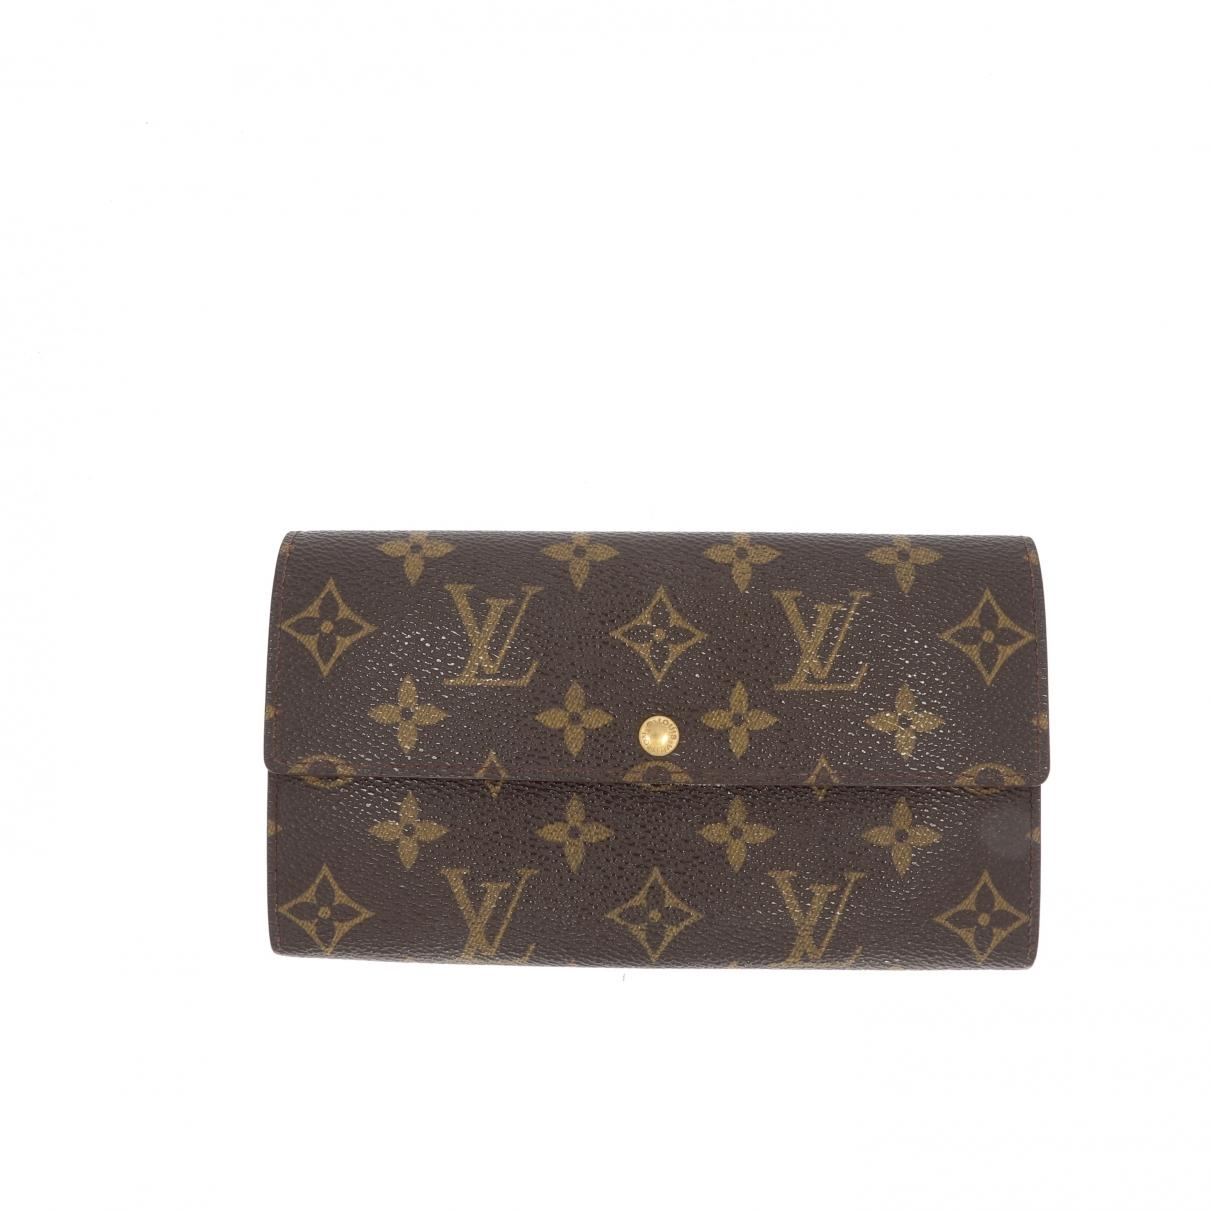 Louis Vuitton \N Brown wallet for Women \N